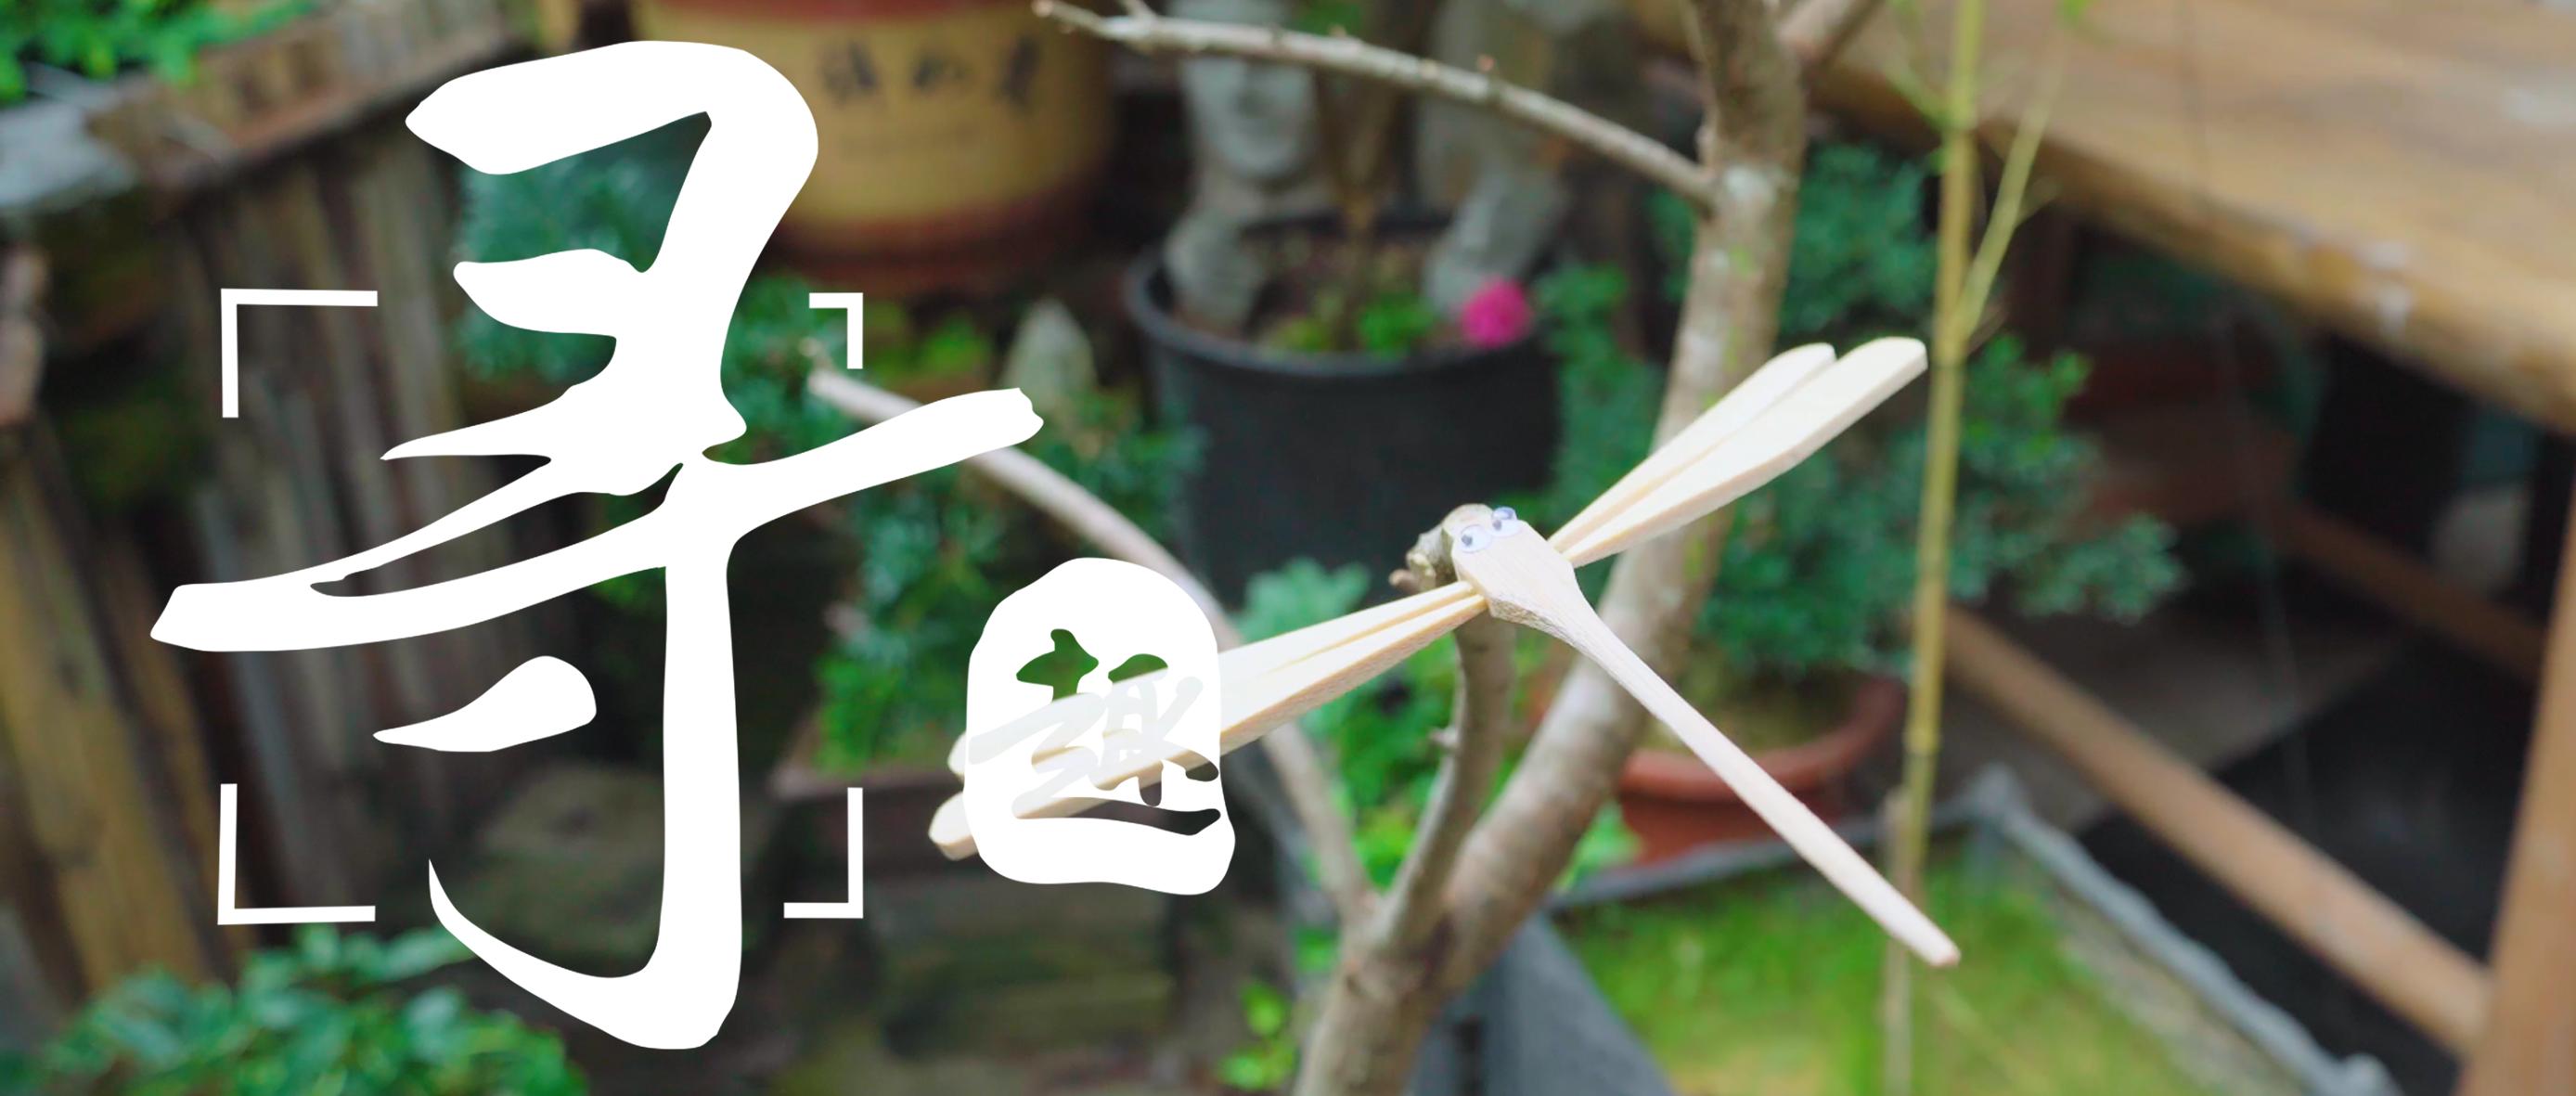 「寻」竹蜻蜓飞舞的童年时光